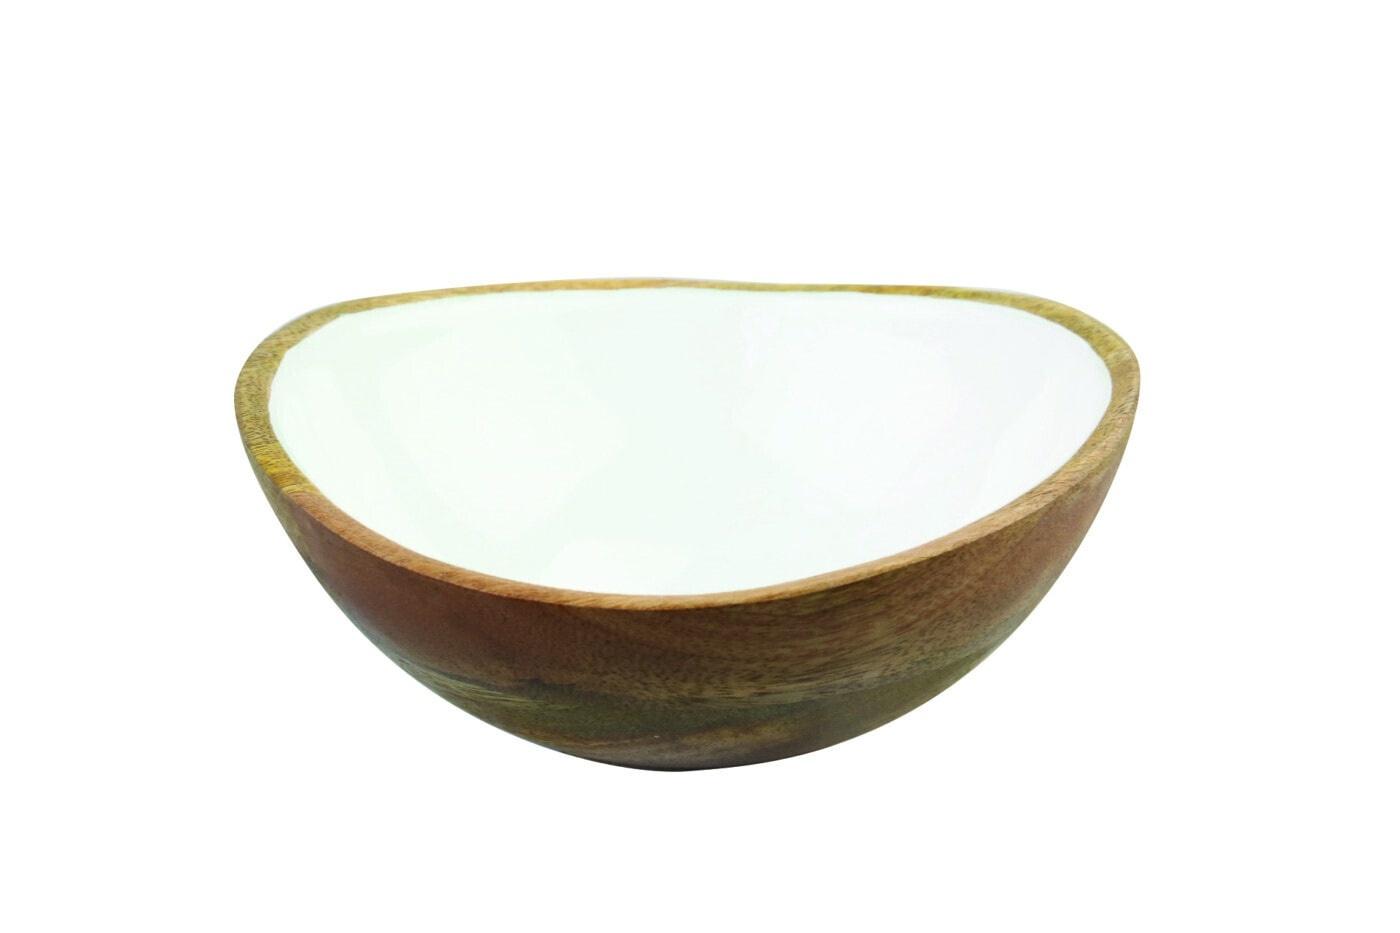 Mango Wood & White Enamel Bowl - Medium-1